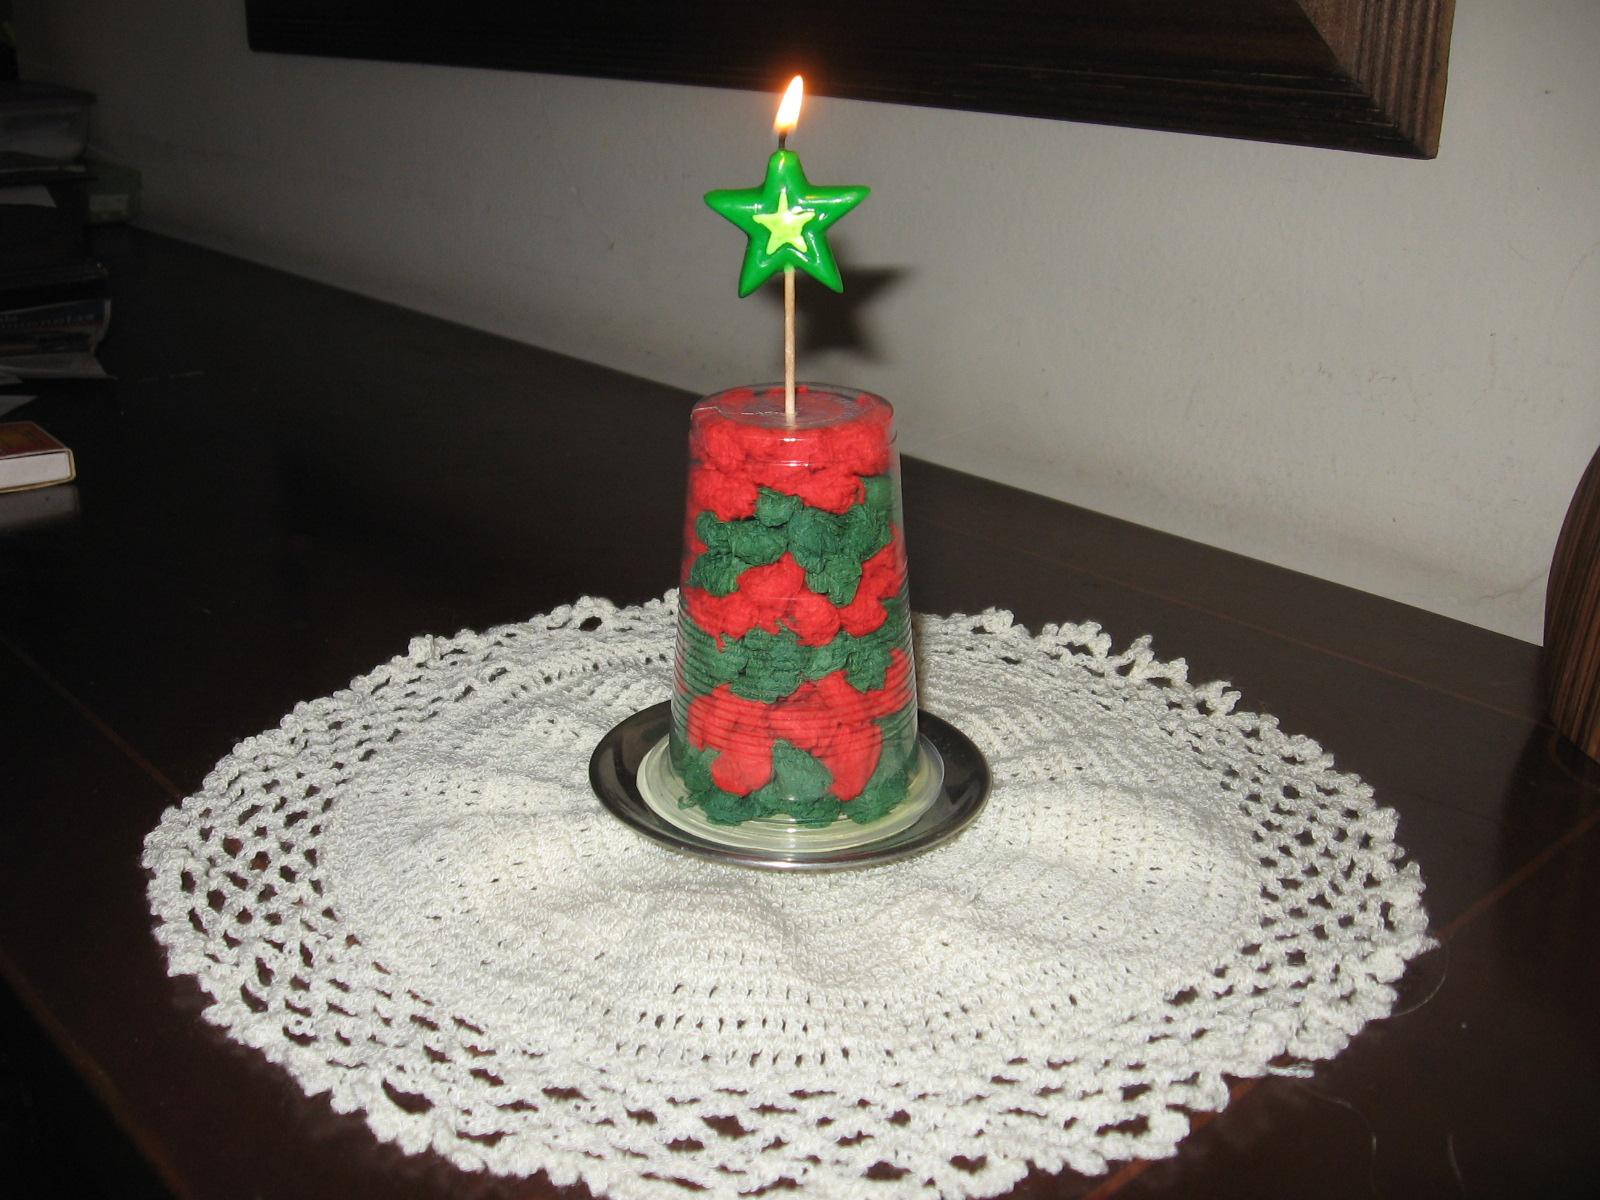 Como Hacer Un Arbolito De Navidad Reciclando Un Vaso De Plastico - Arbol-de-navidad-con-vasos-de-plastico